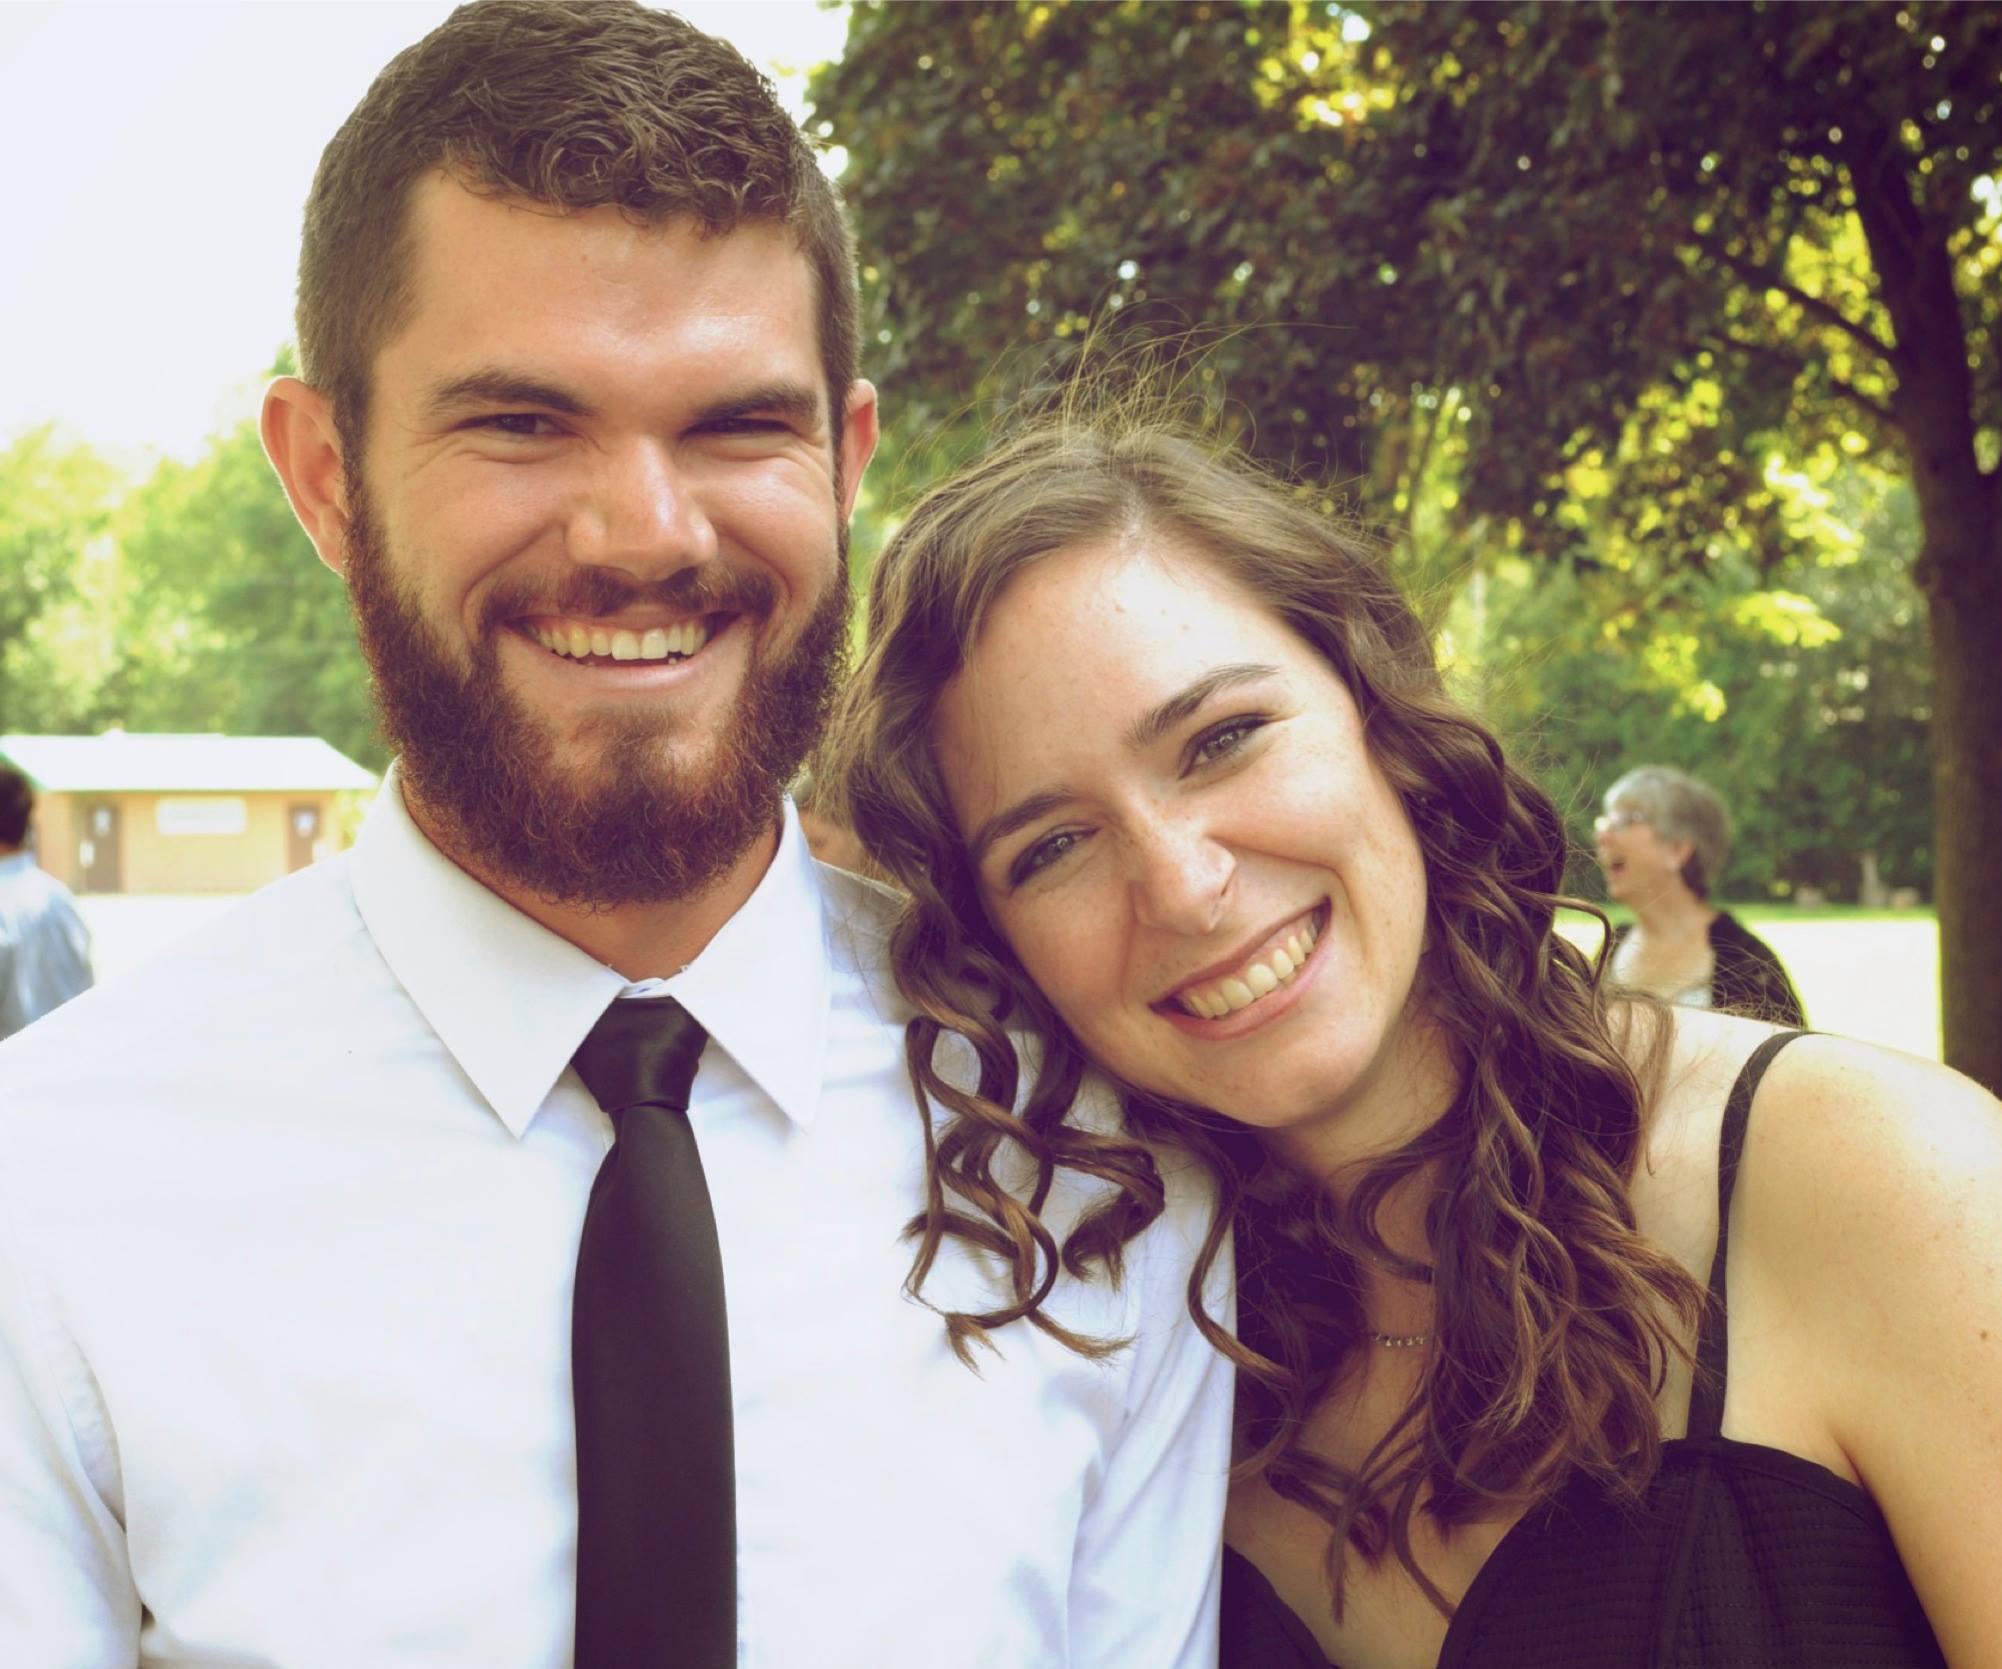 Jason&Jillian